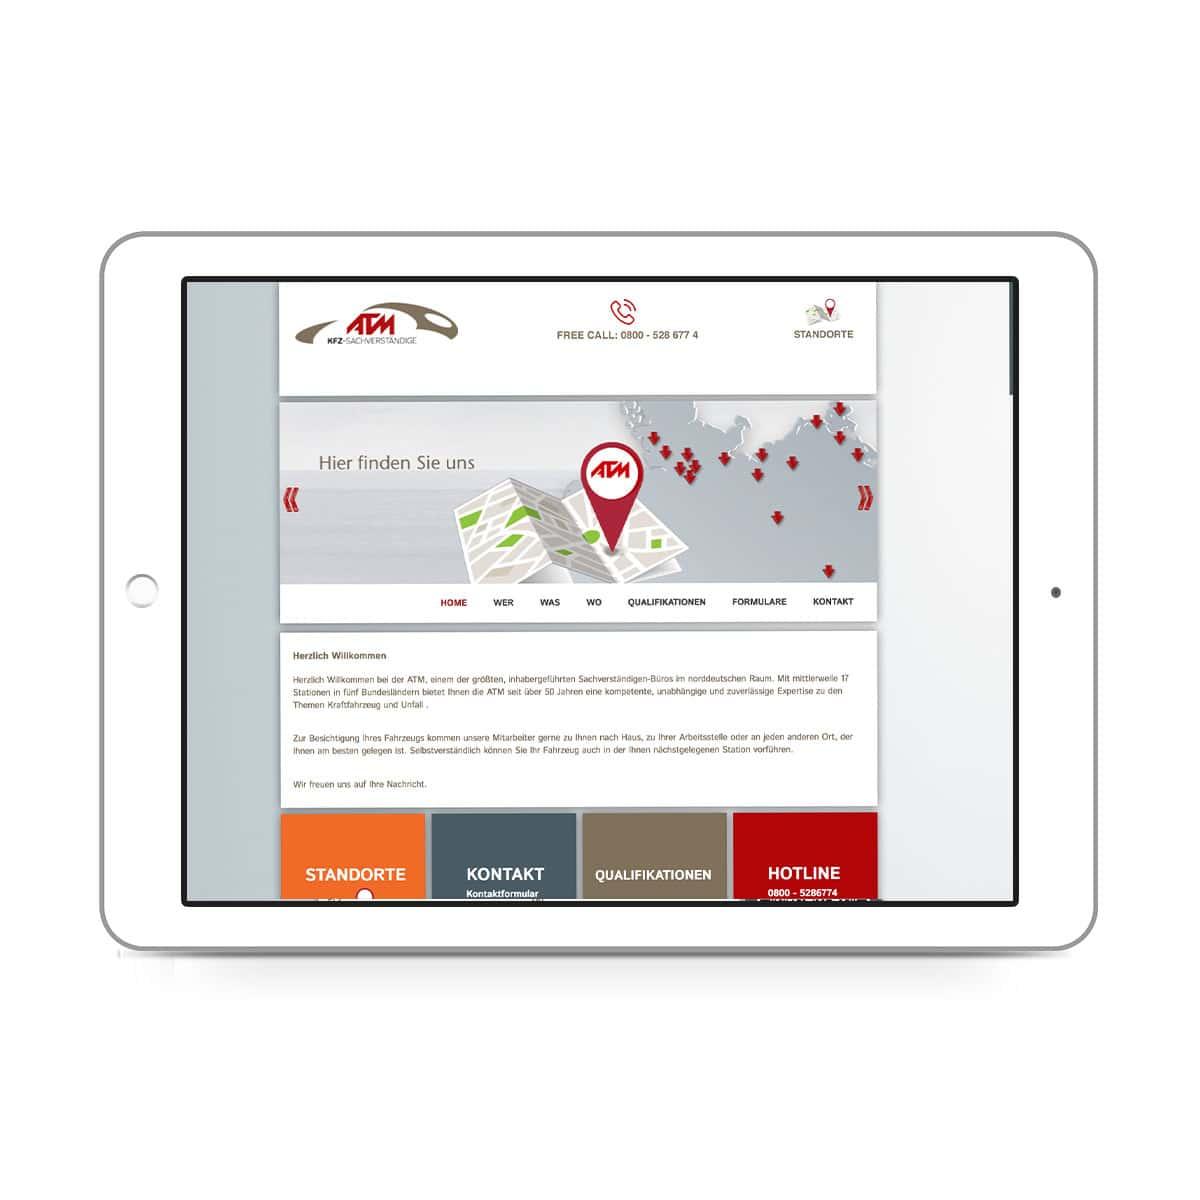 ATM-expert Dipl.-Ing. Staisch GmbH - Standorte Slider